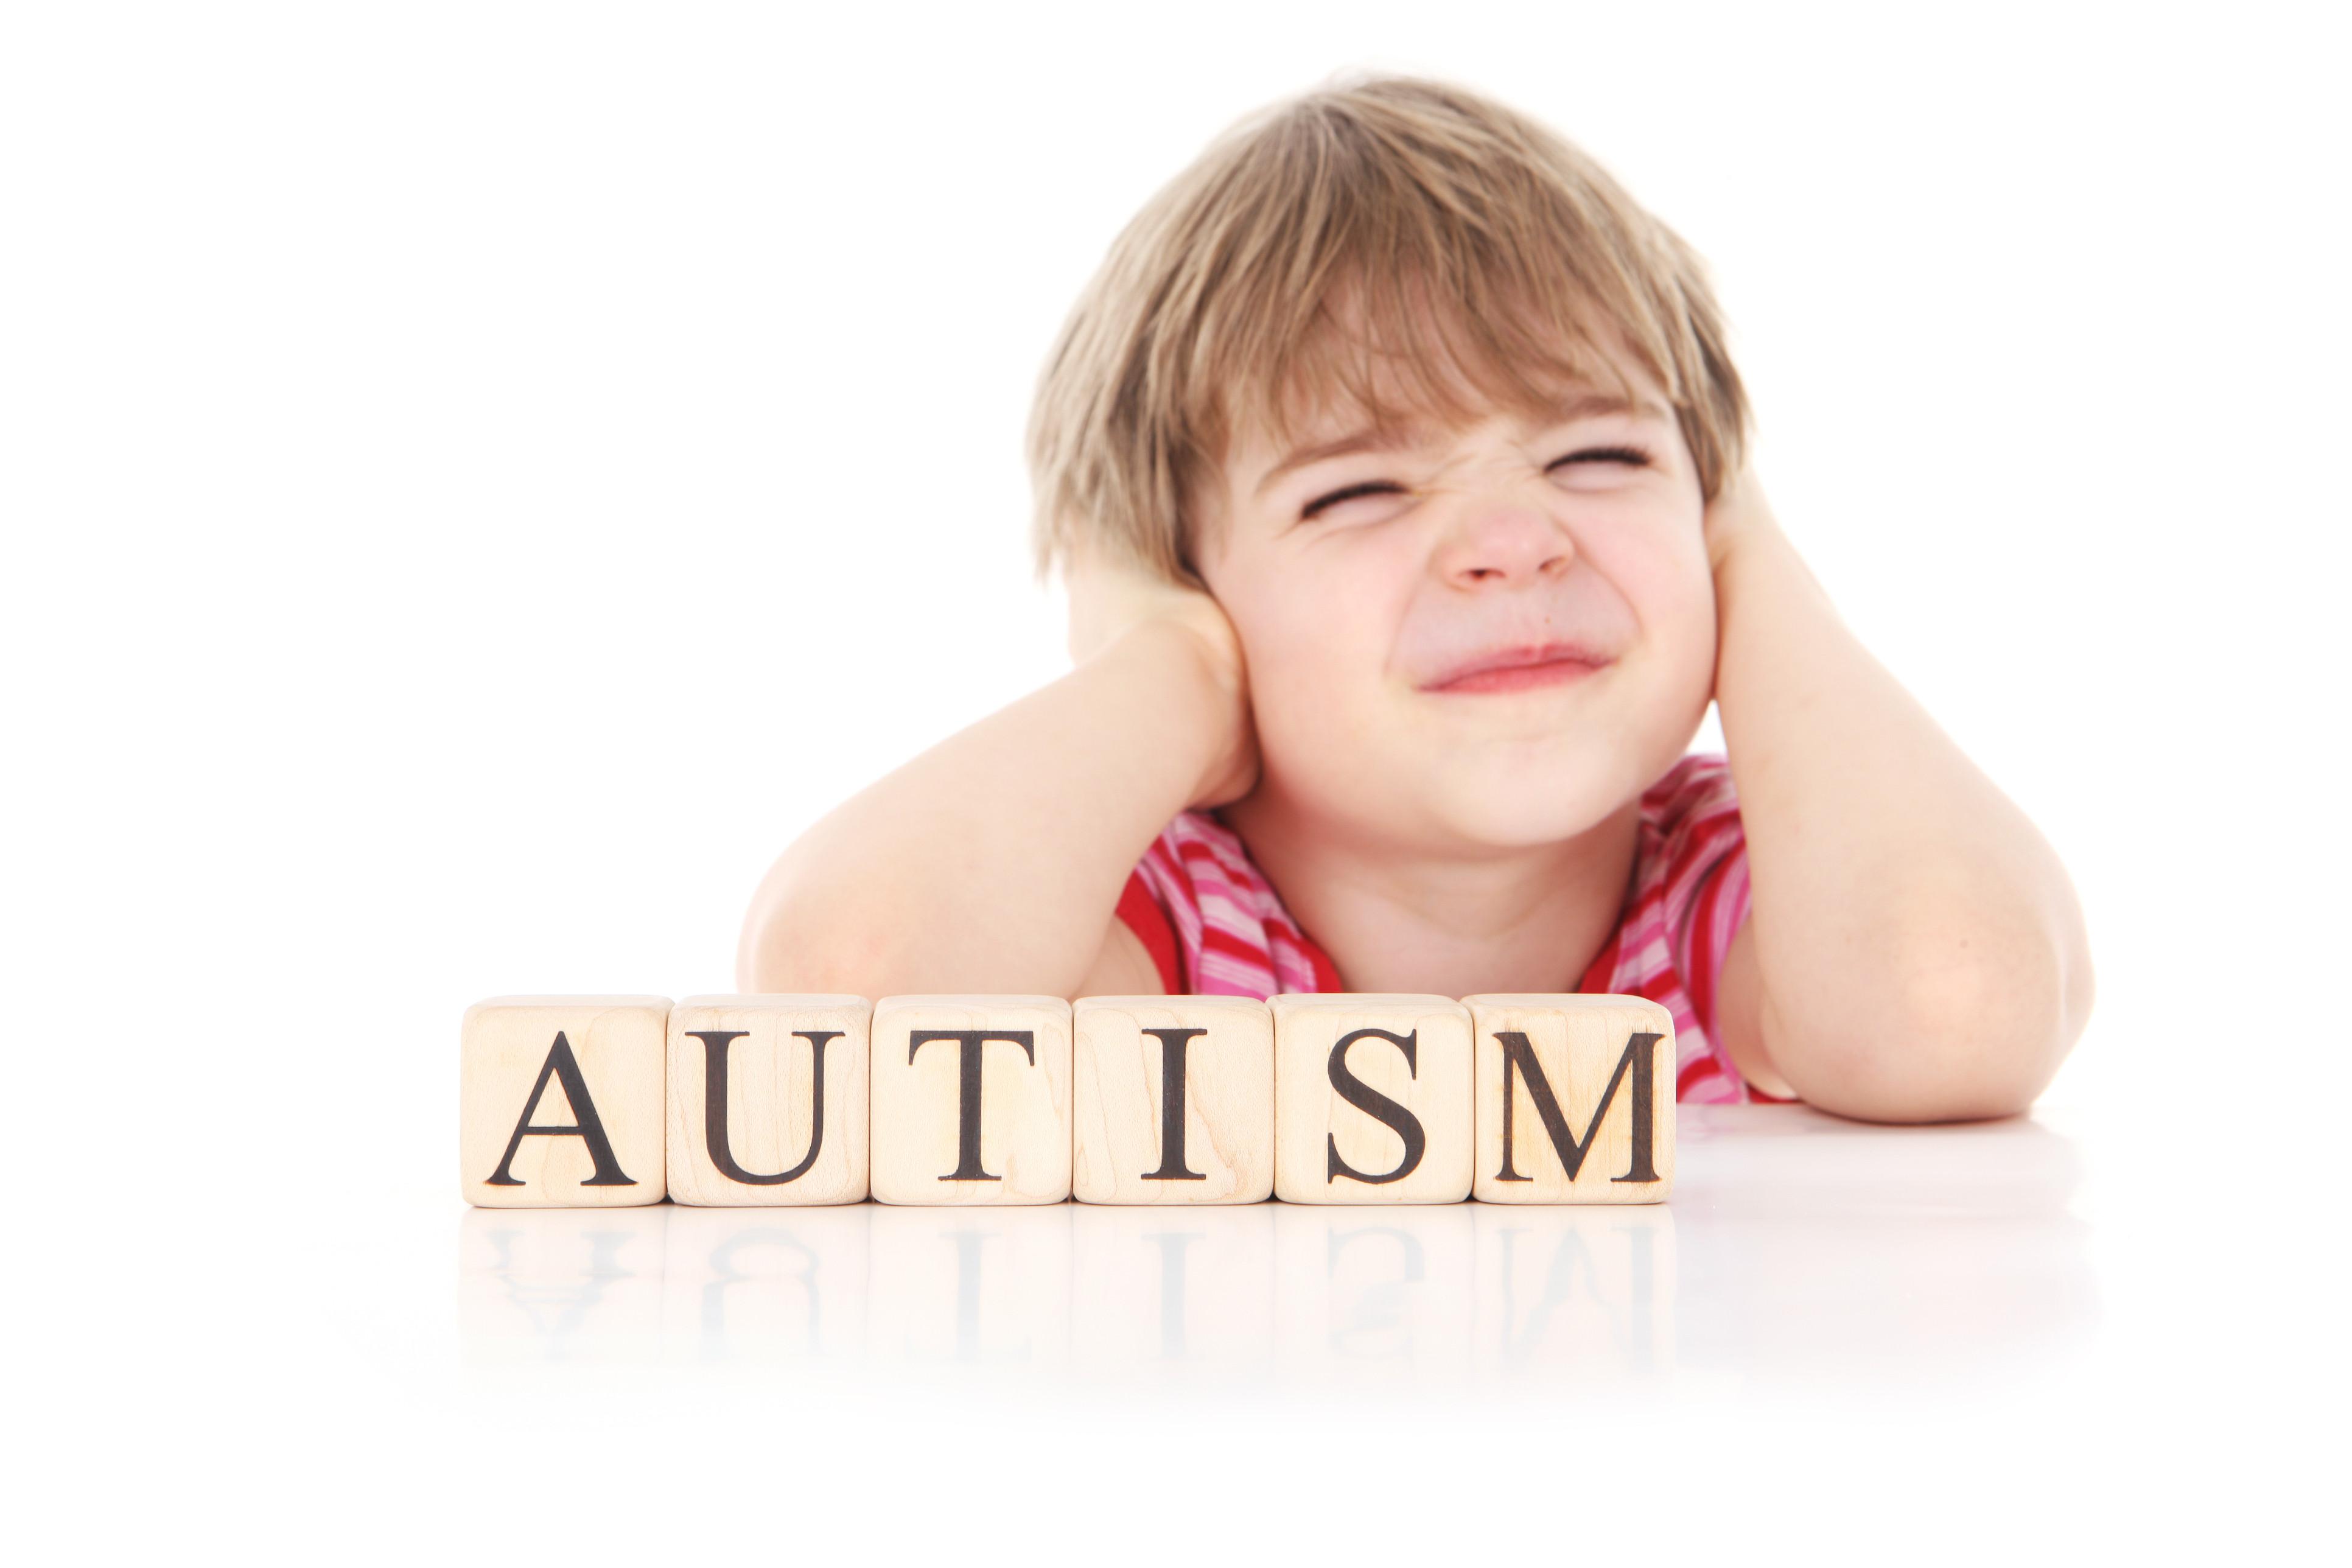 Investigadores de Coimbra criam modelo inovador no estudo de autismo